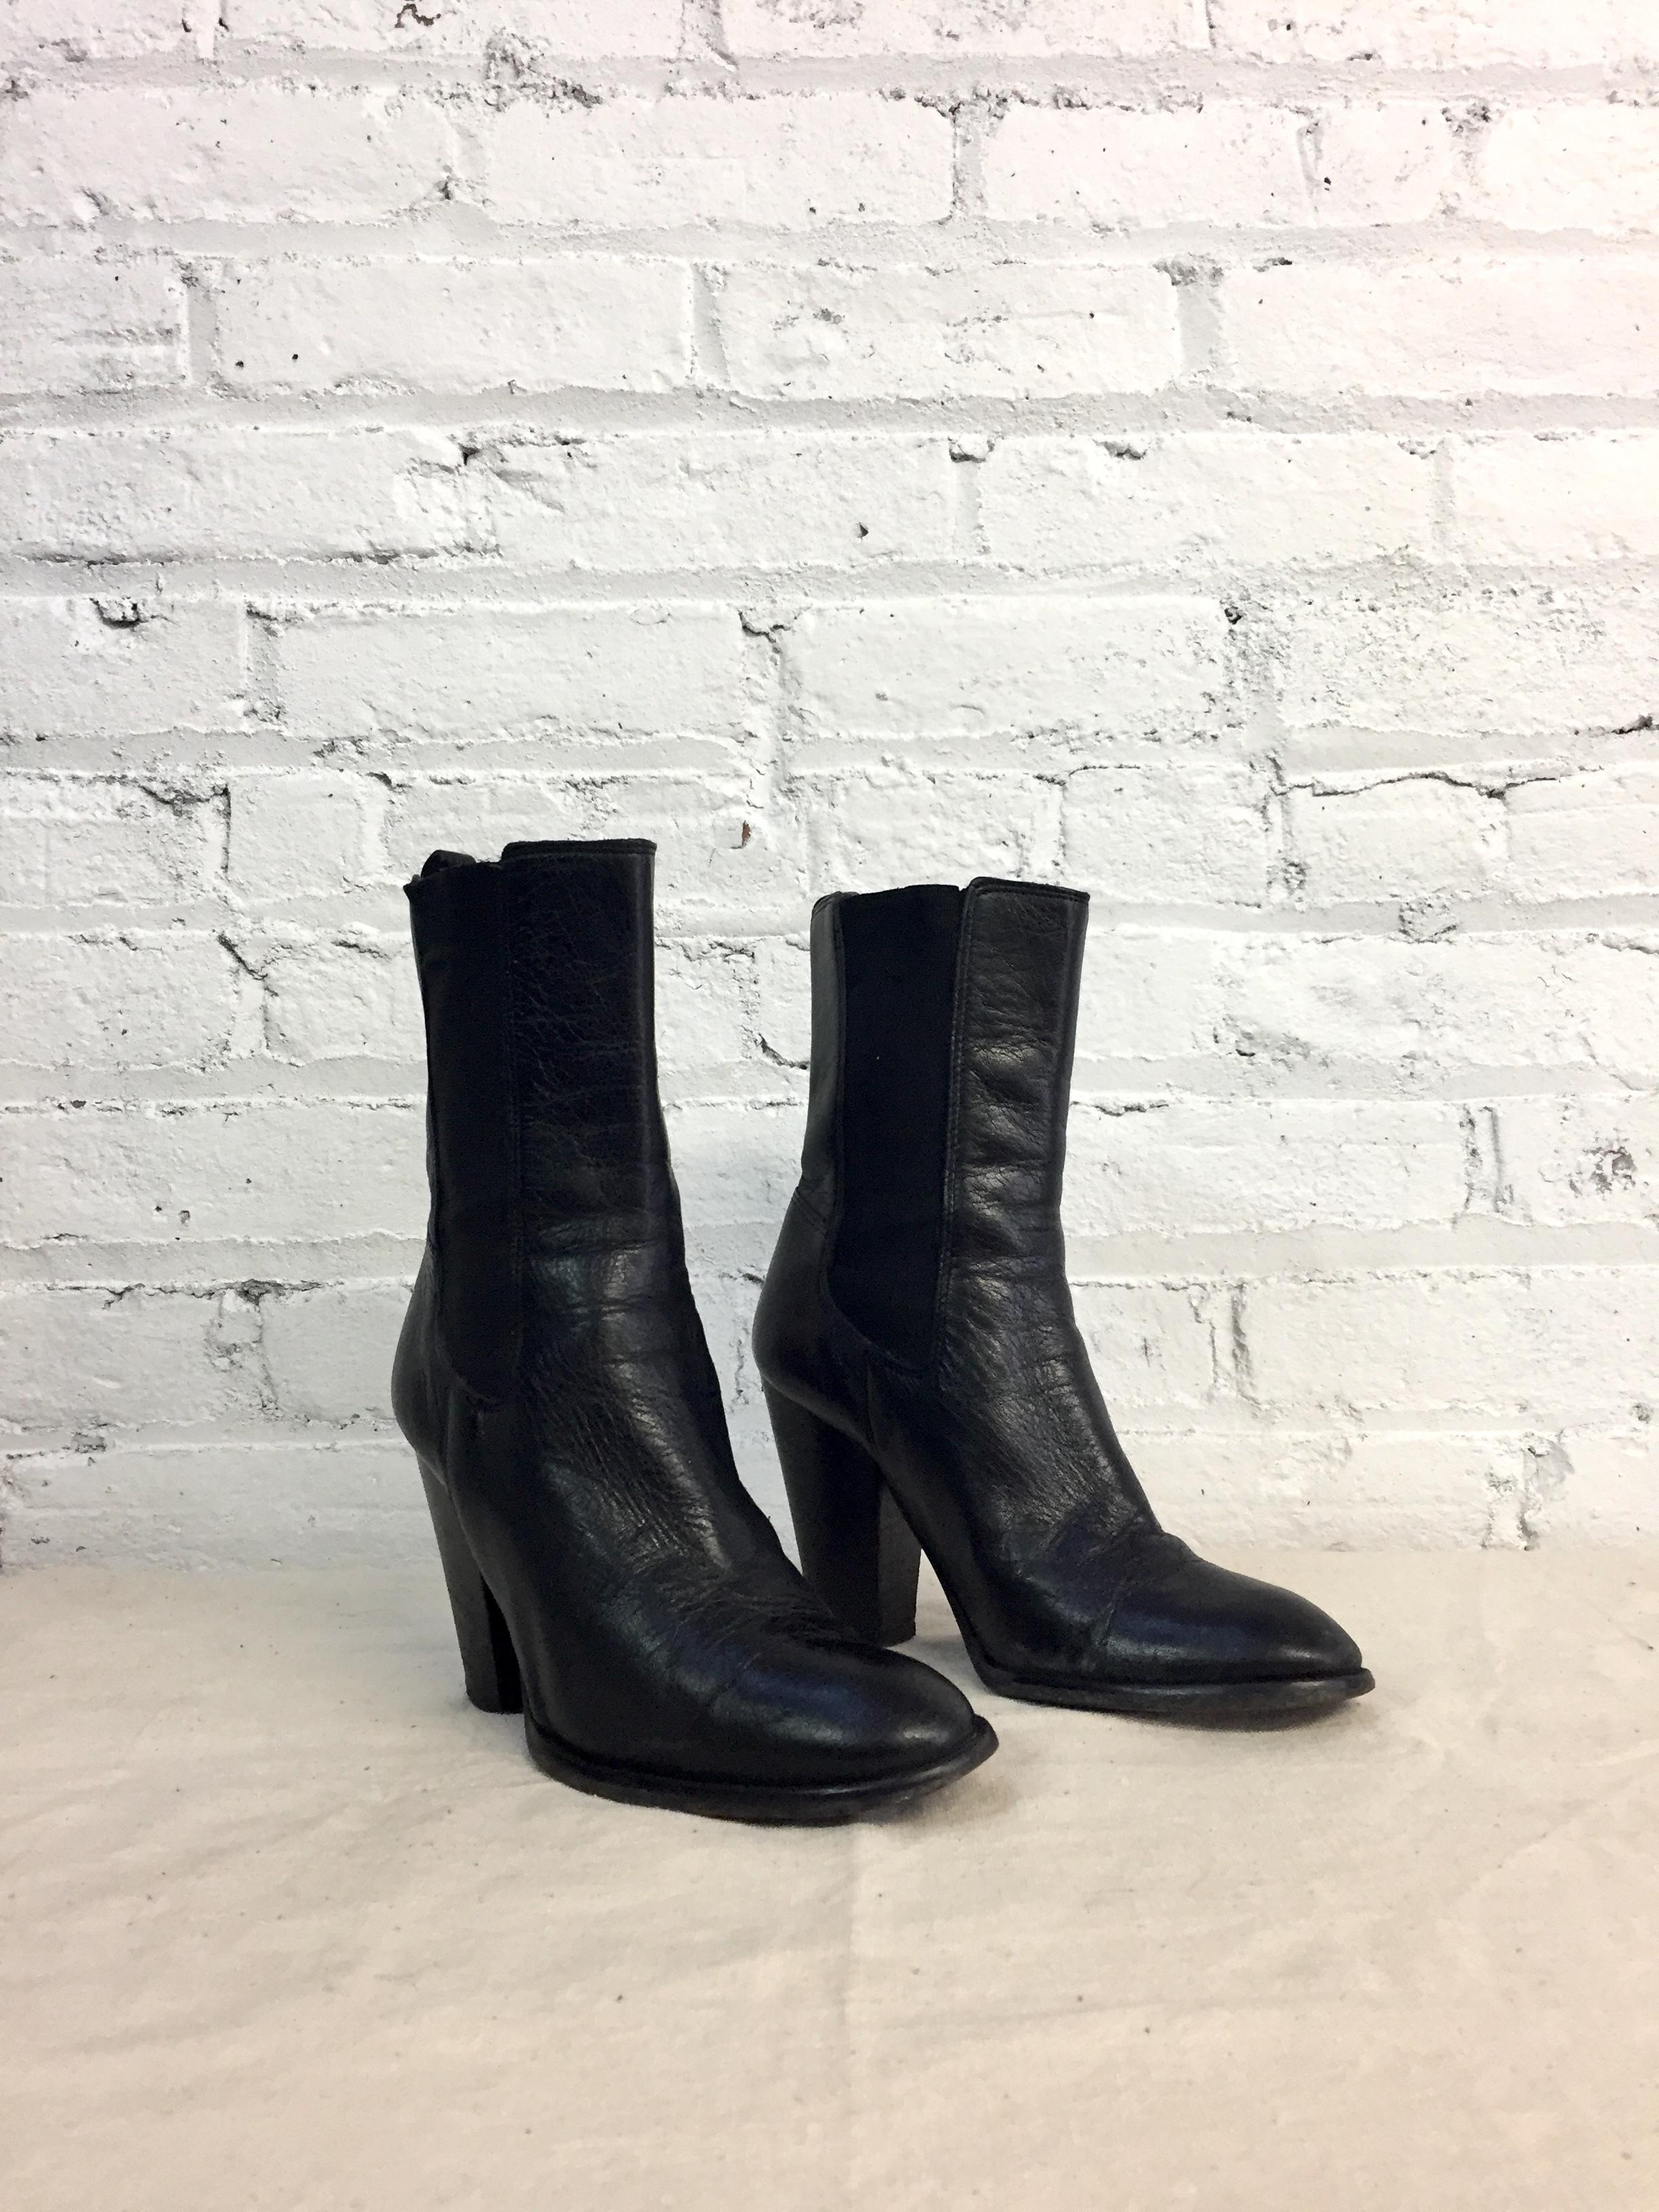 vintage Michael Kors black leather